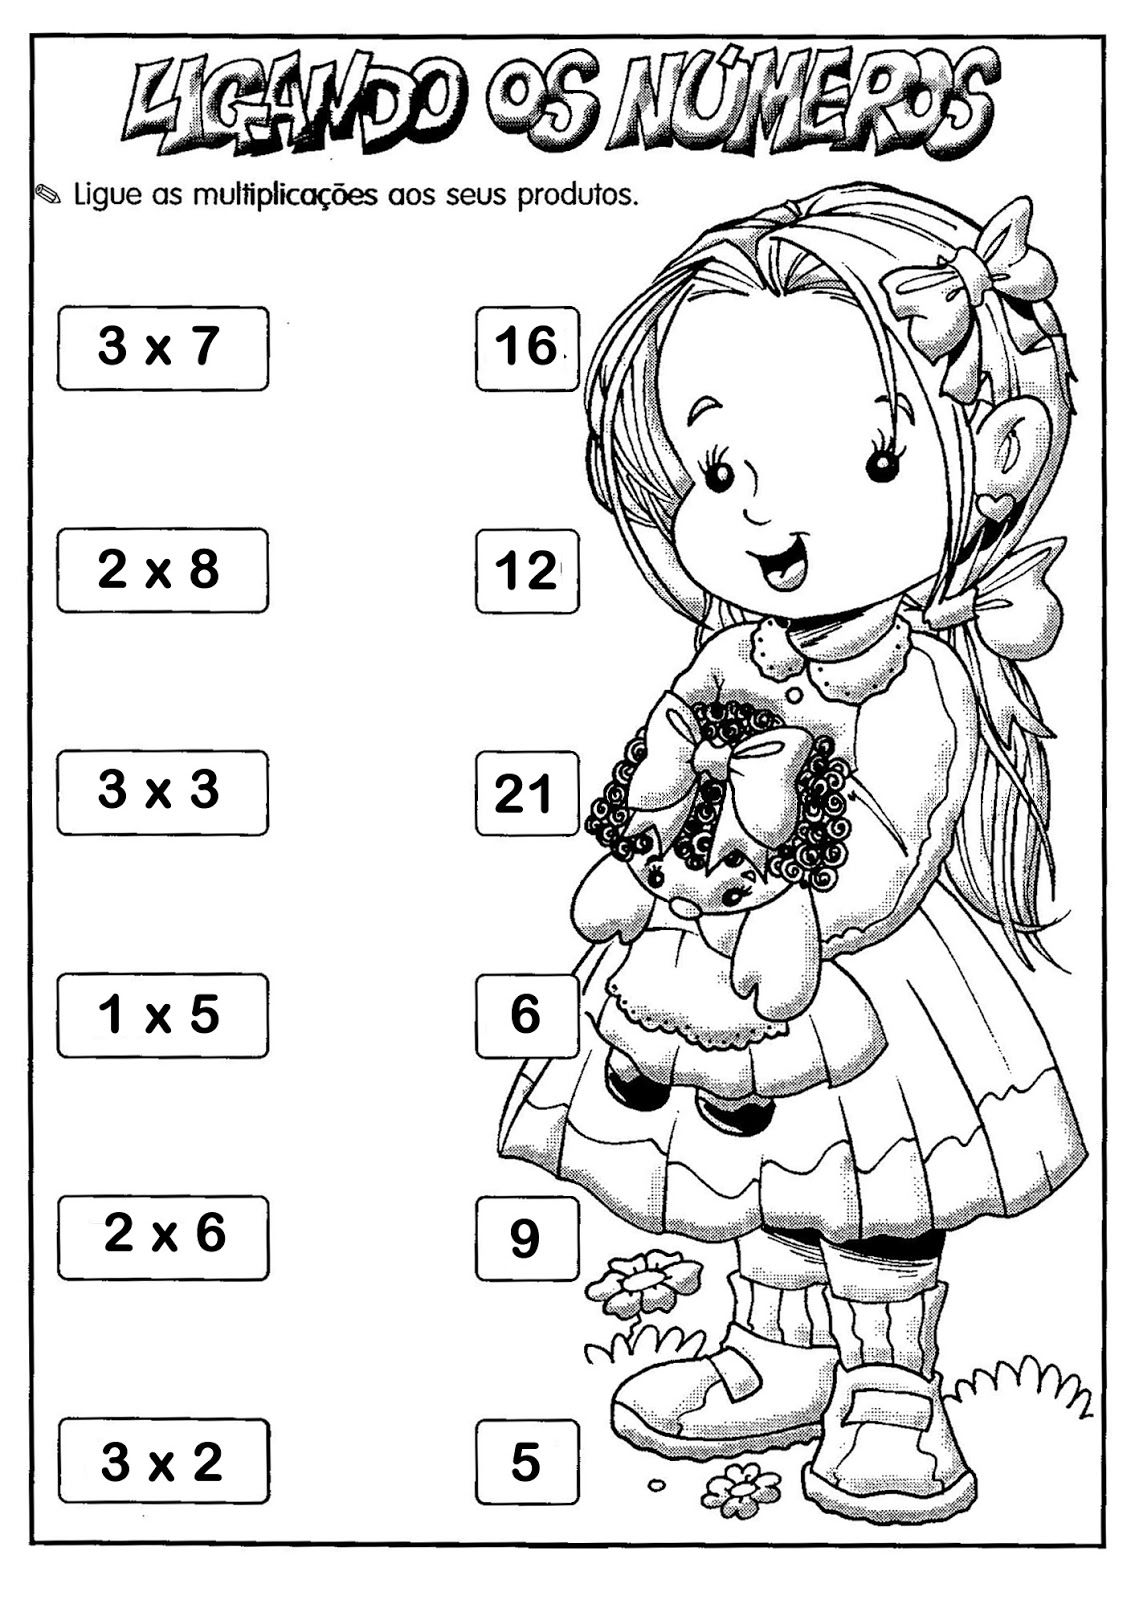 37 Atividades Educativas De Multiplicacao Com Imagens